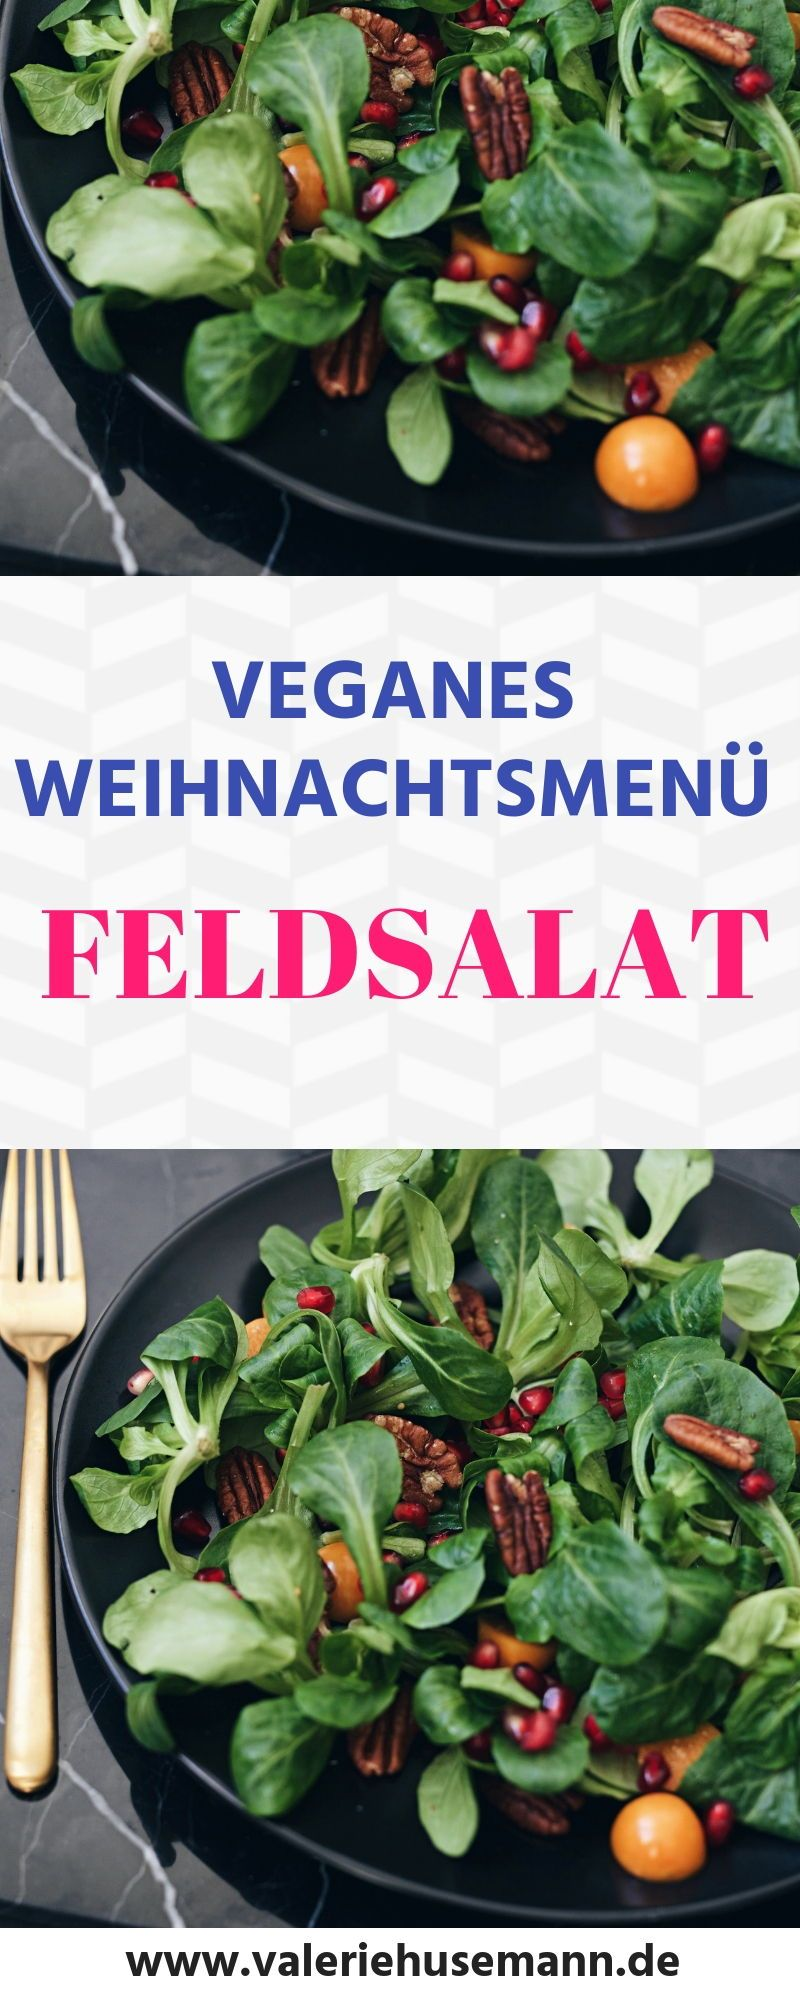 Veganes Weihnachtsmenü, Feldsalat #veganerezeptemittag